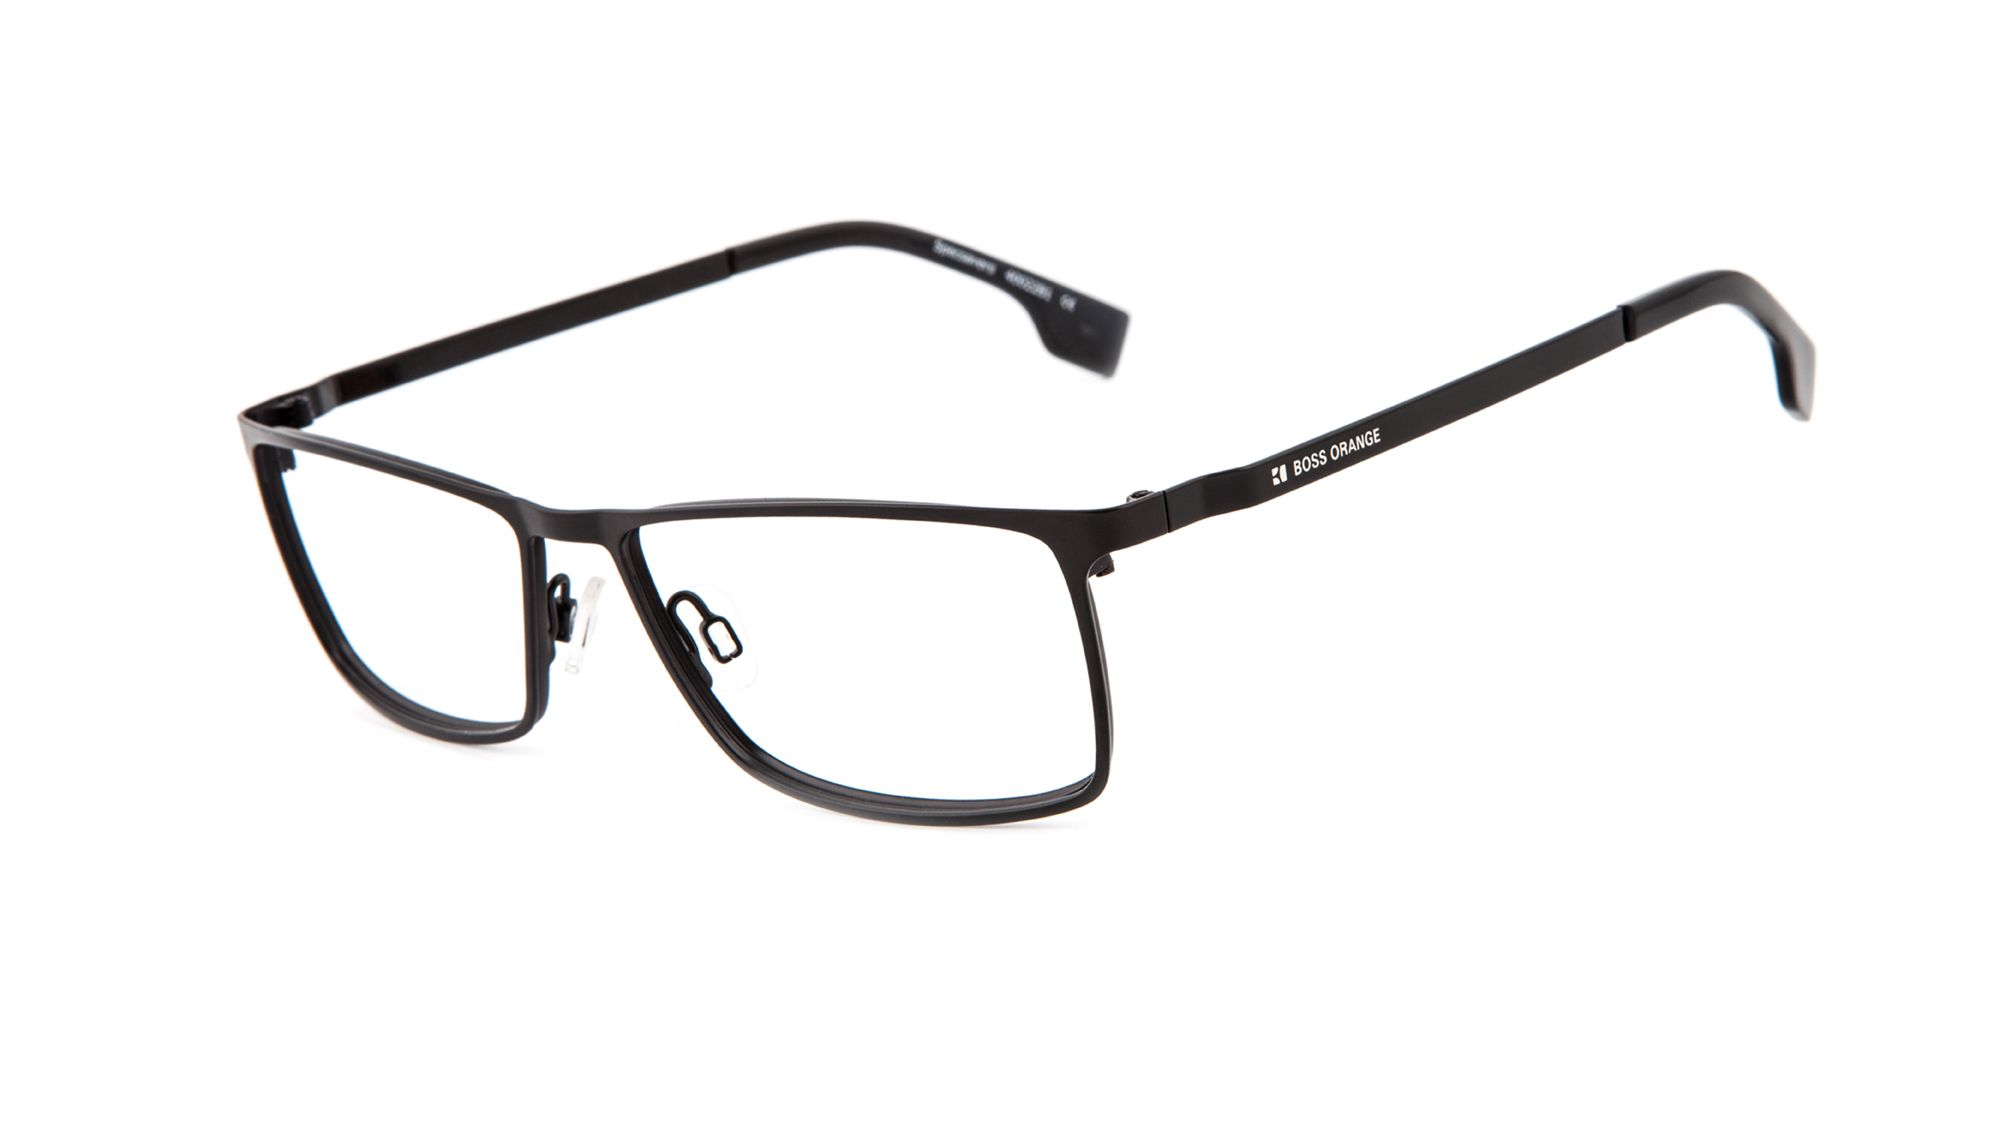 e6cdd33bea BO 0025 Glasses by BOSS Orange